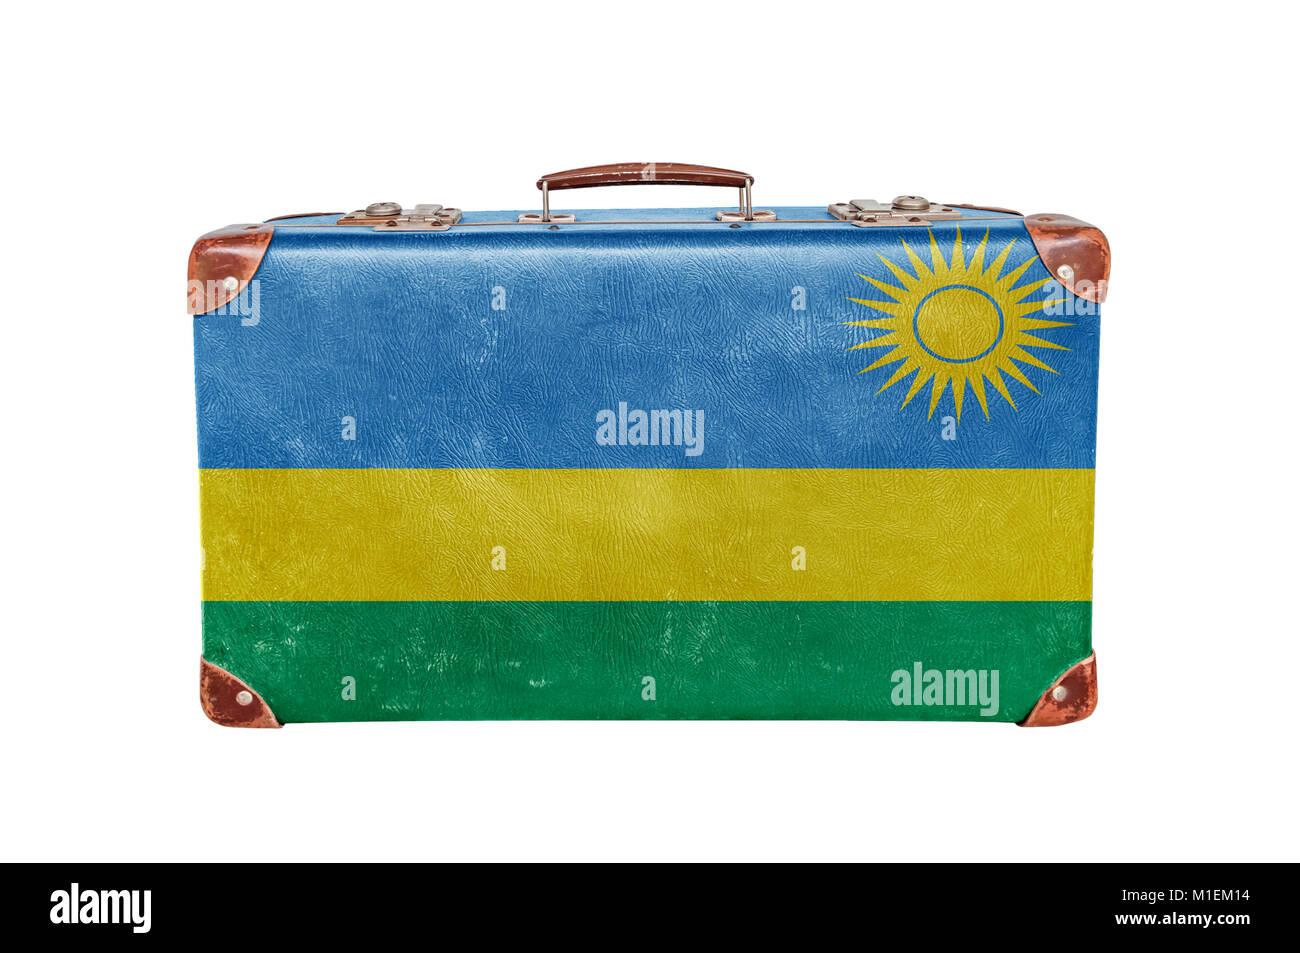 Vintage suitcase with Rwanda flag - Stock Image